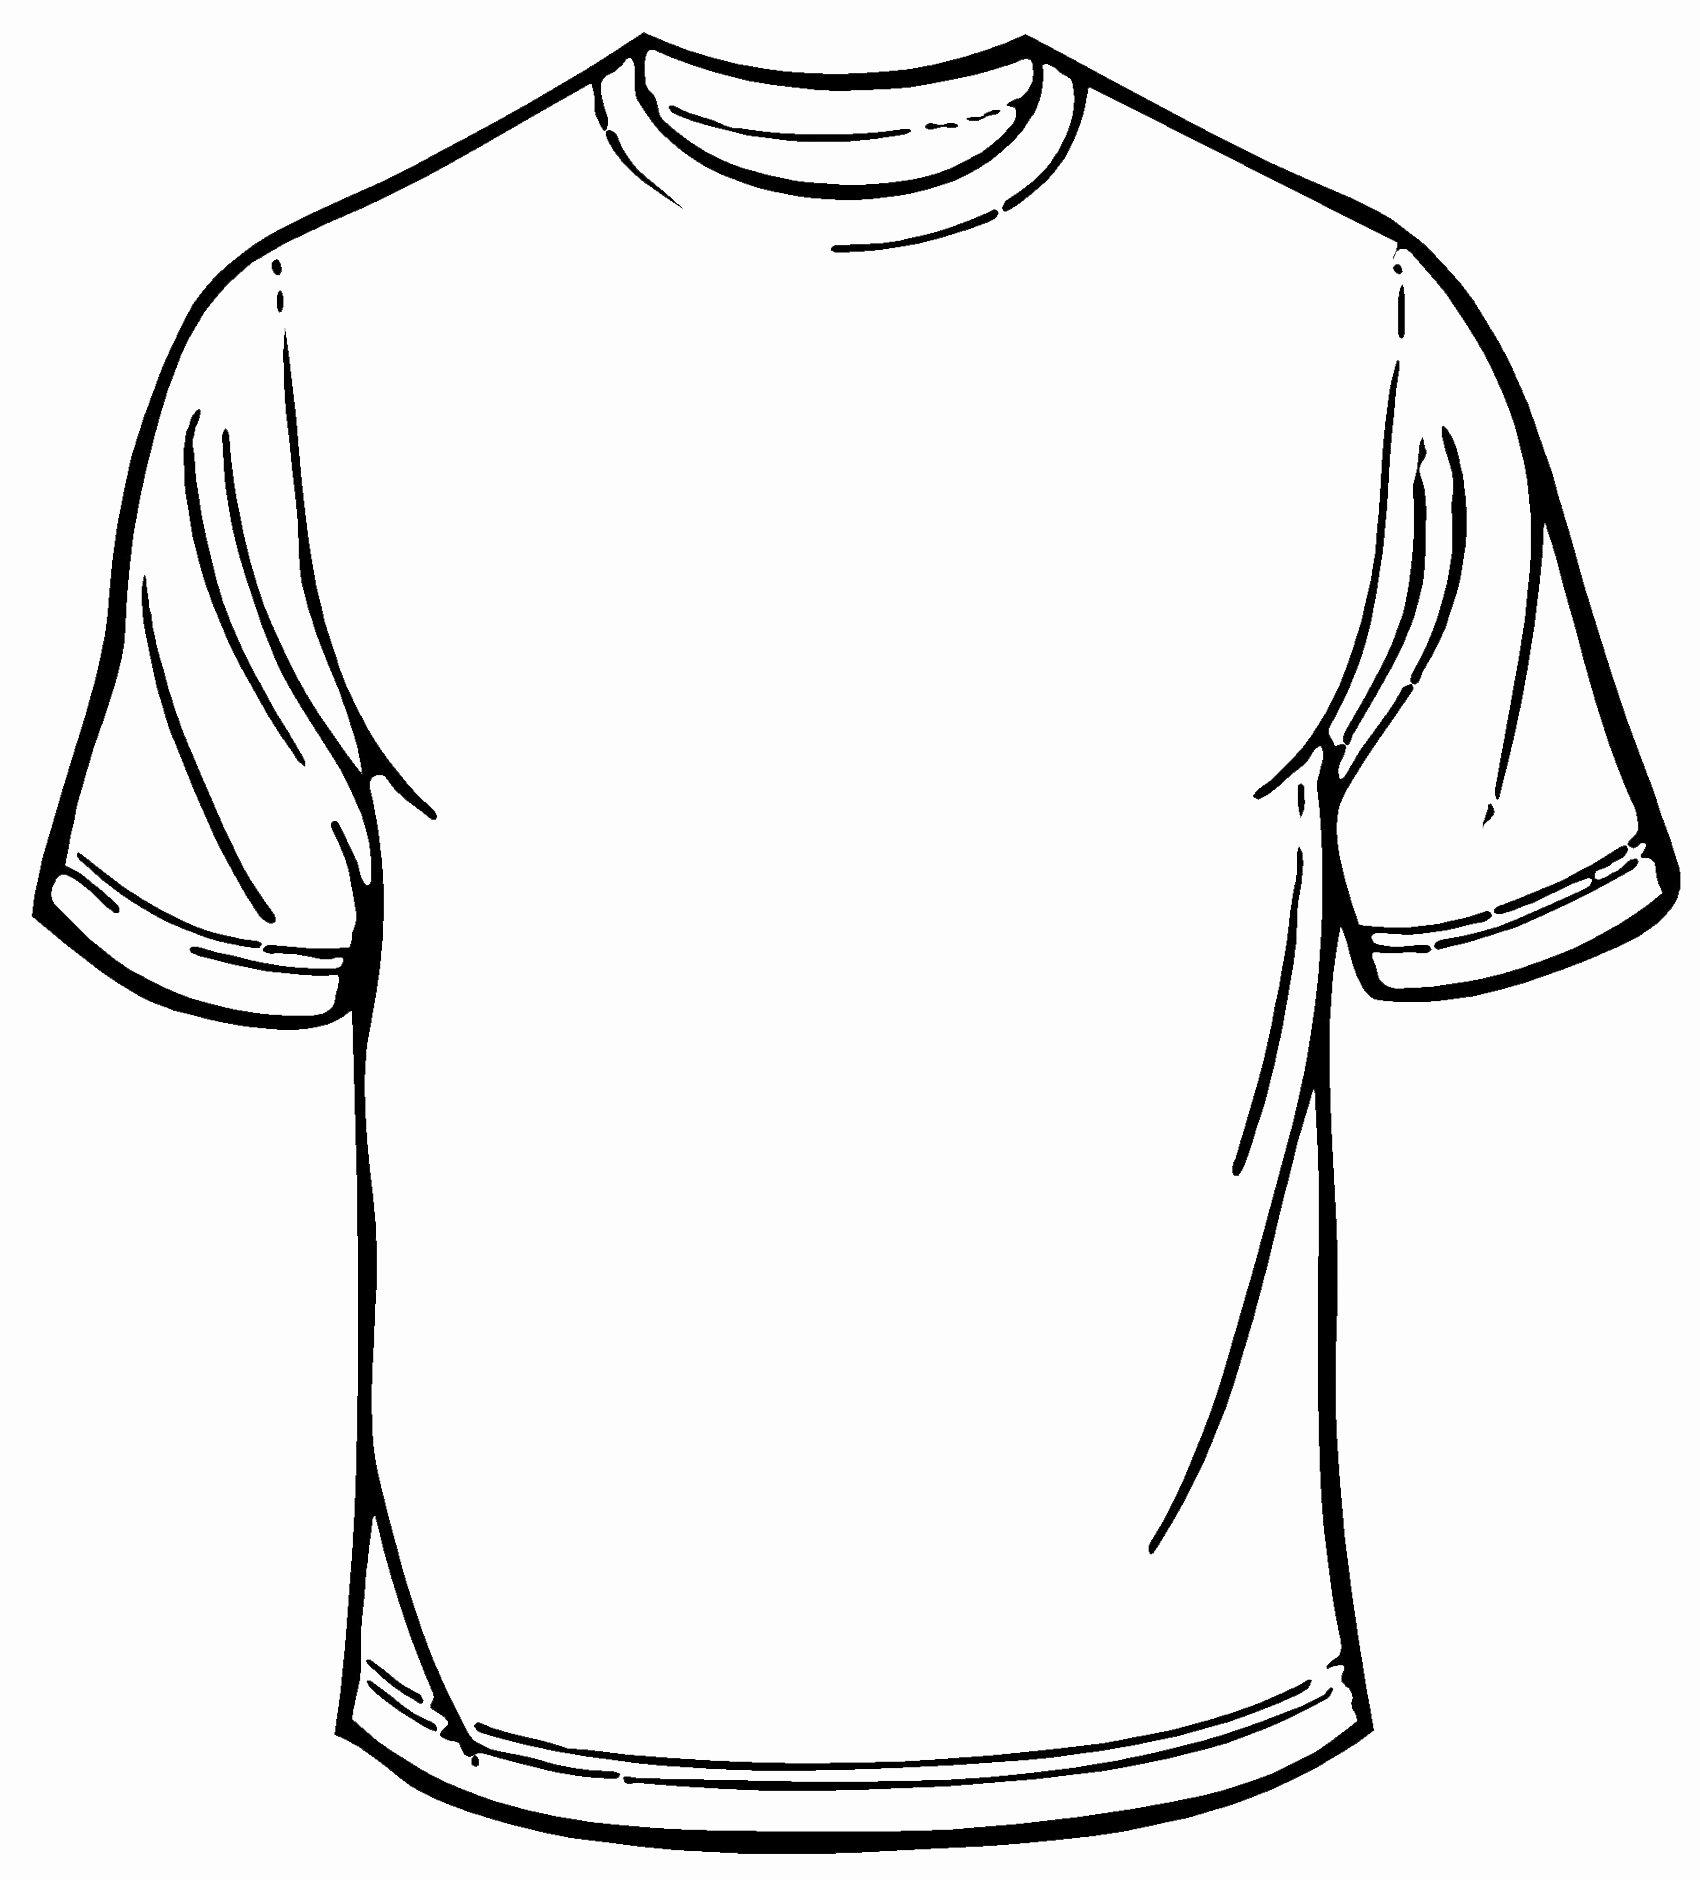 Blank T Shirt Template